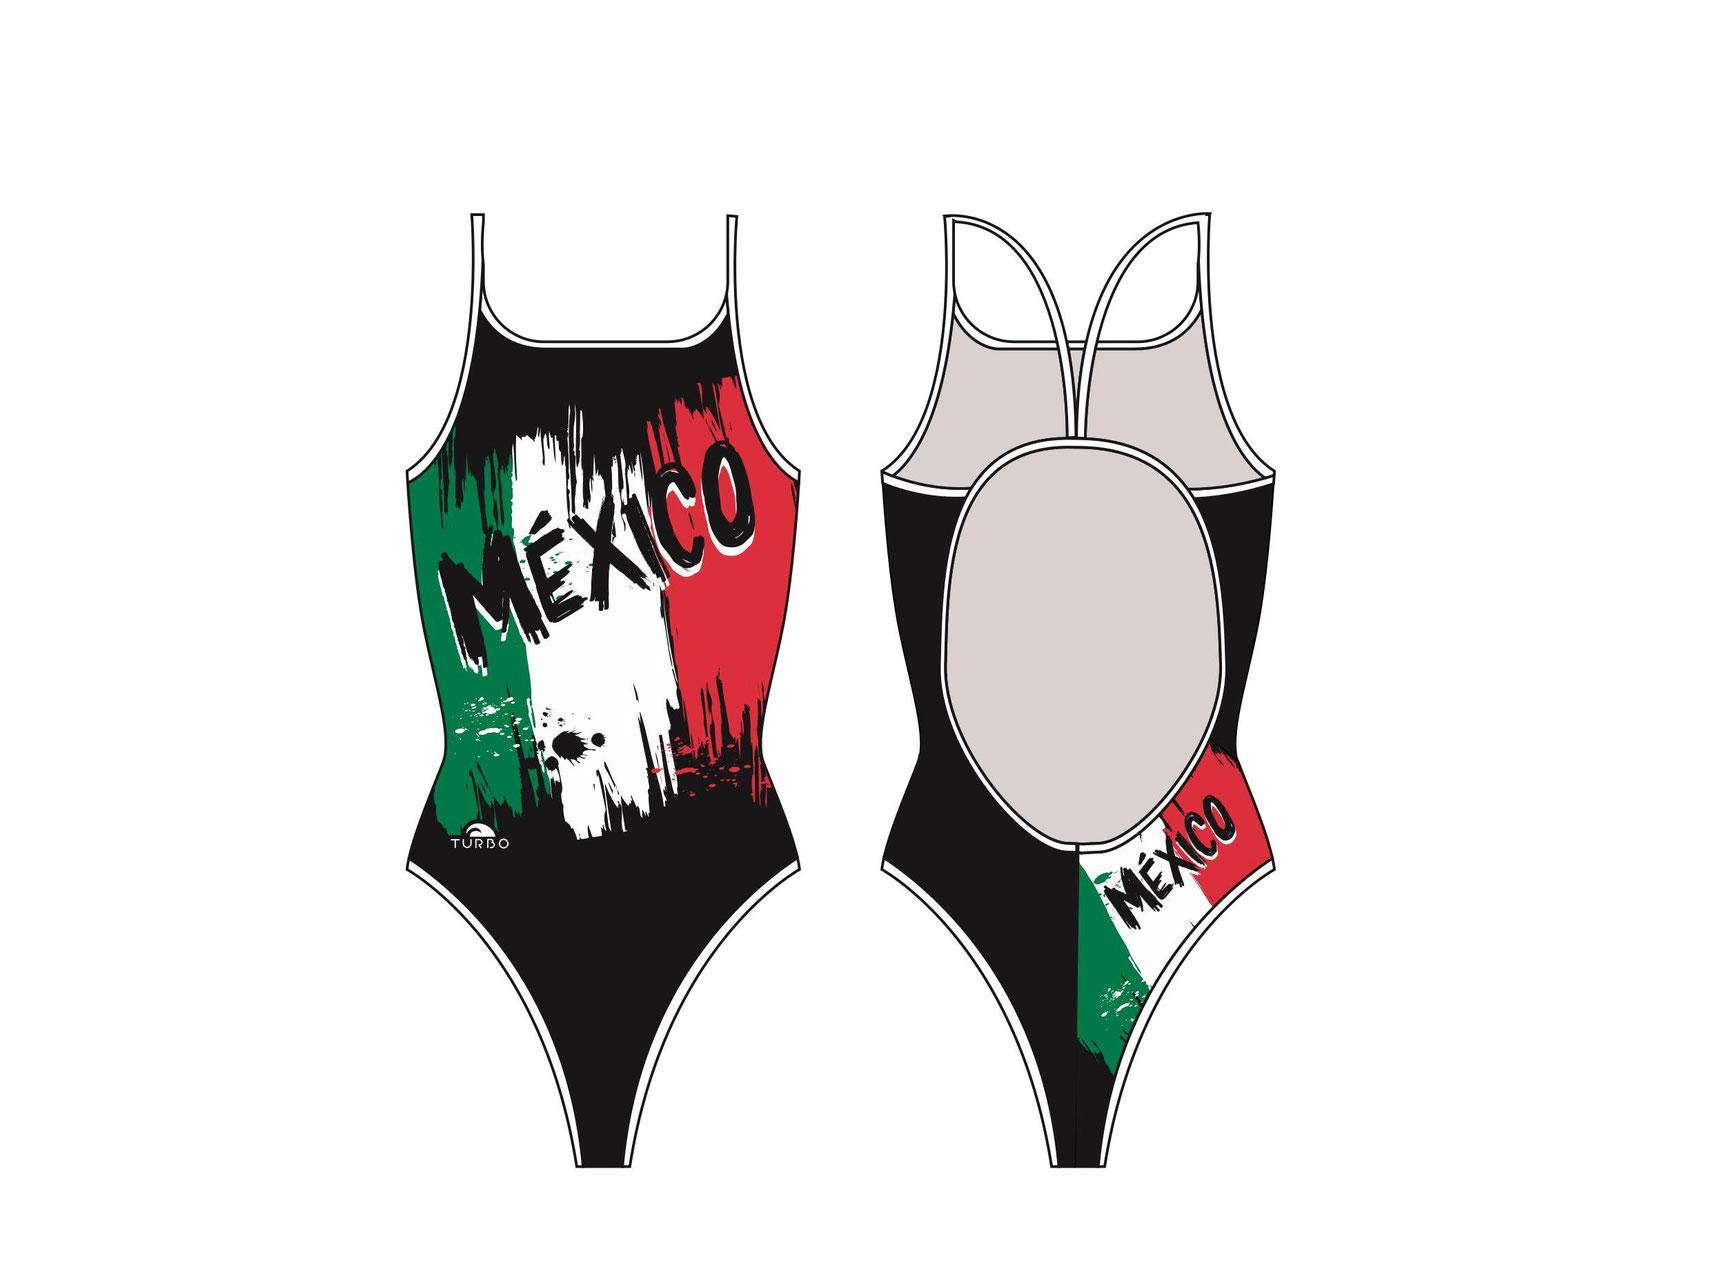 Natación Natación Turbo Mujer Mujer Traje Traje México N8mwn0